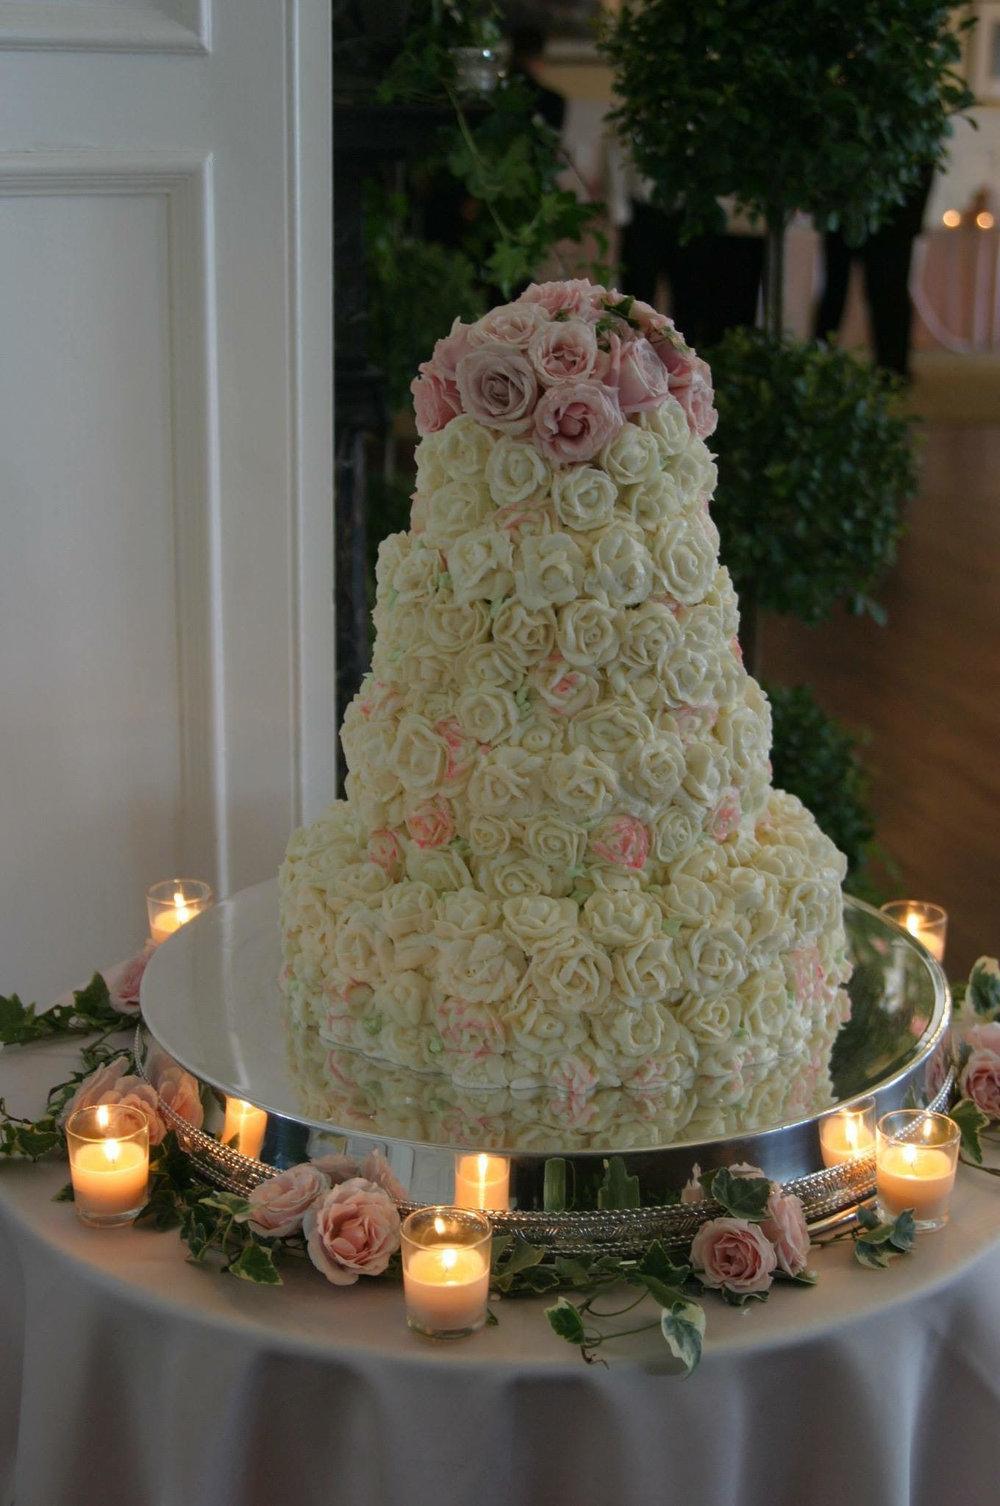 pa-wedding-cakes-23.jpg